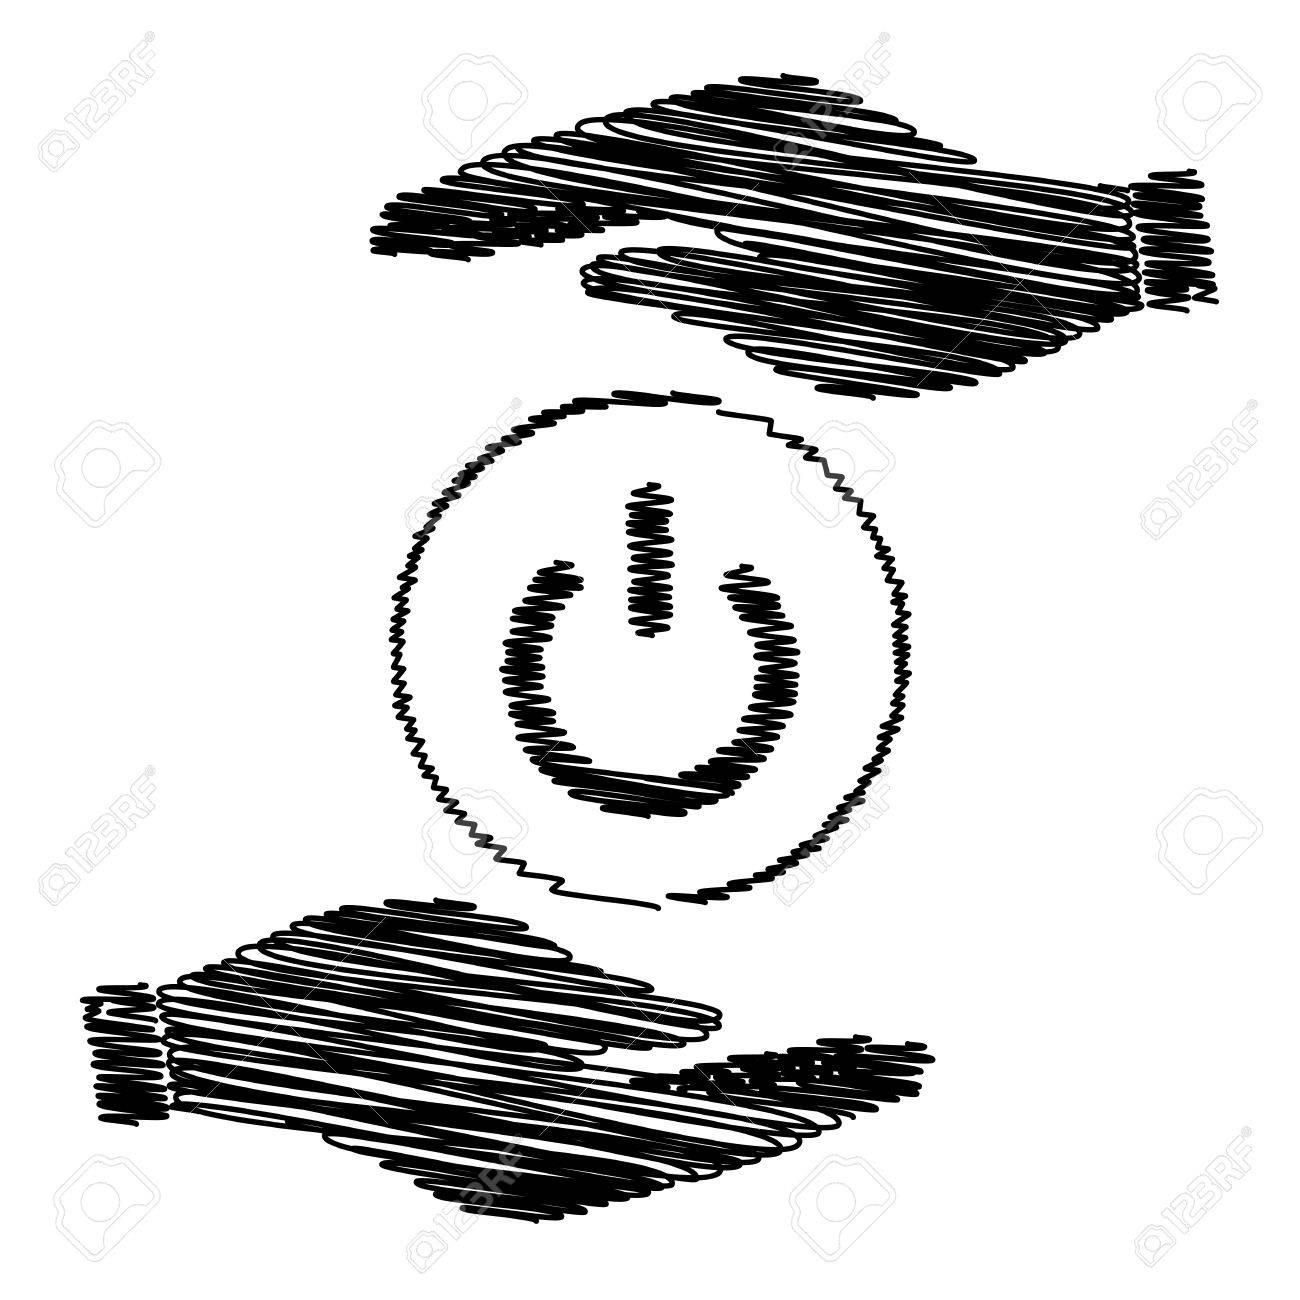 Gemütlich Spdt Schalter Symbol Bilder - Der Schaltplan - triangre.info